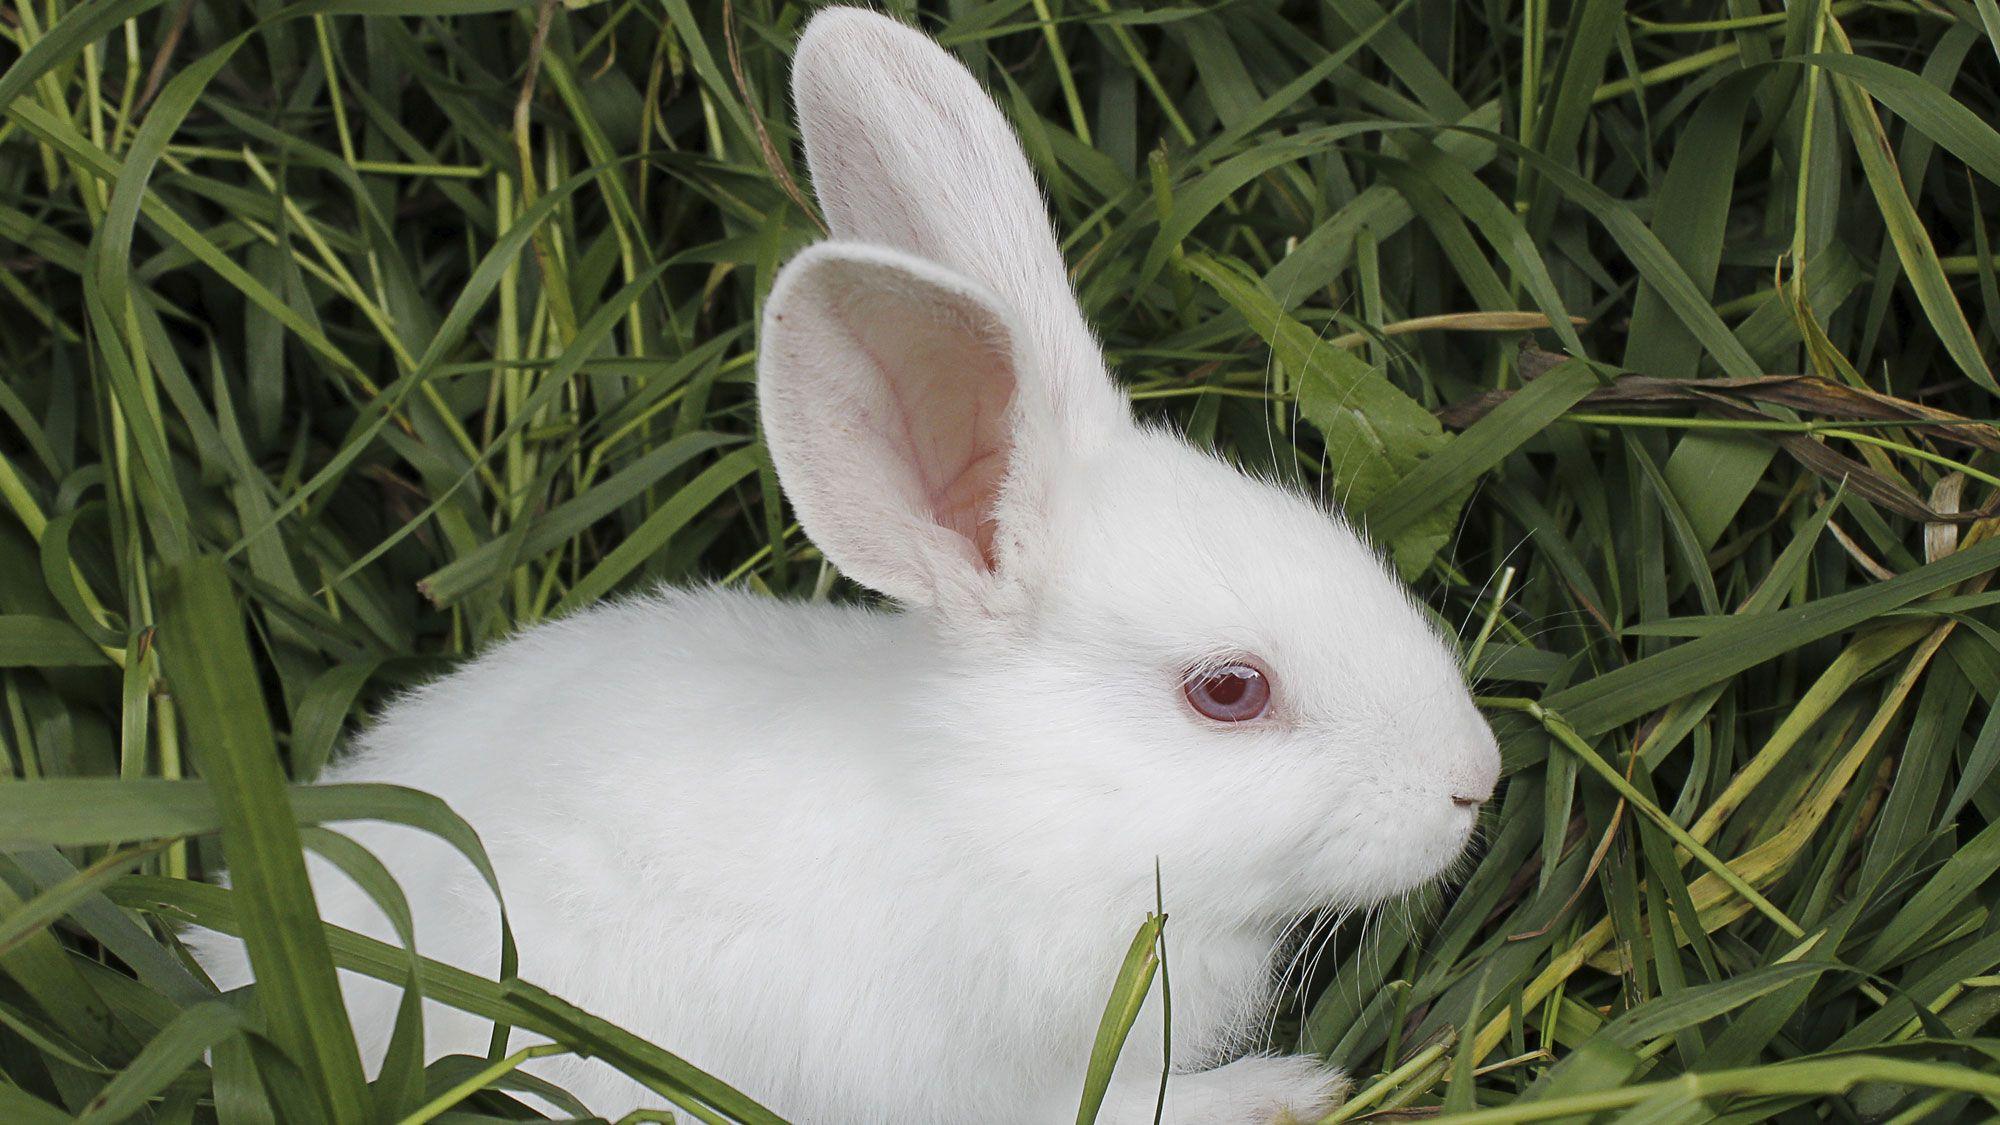 animales albinos - conejo